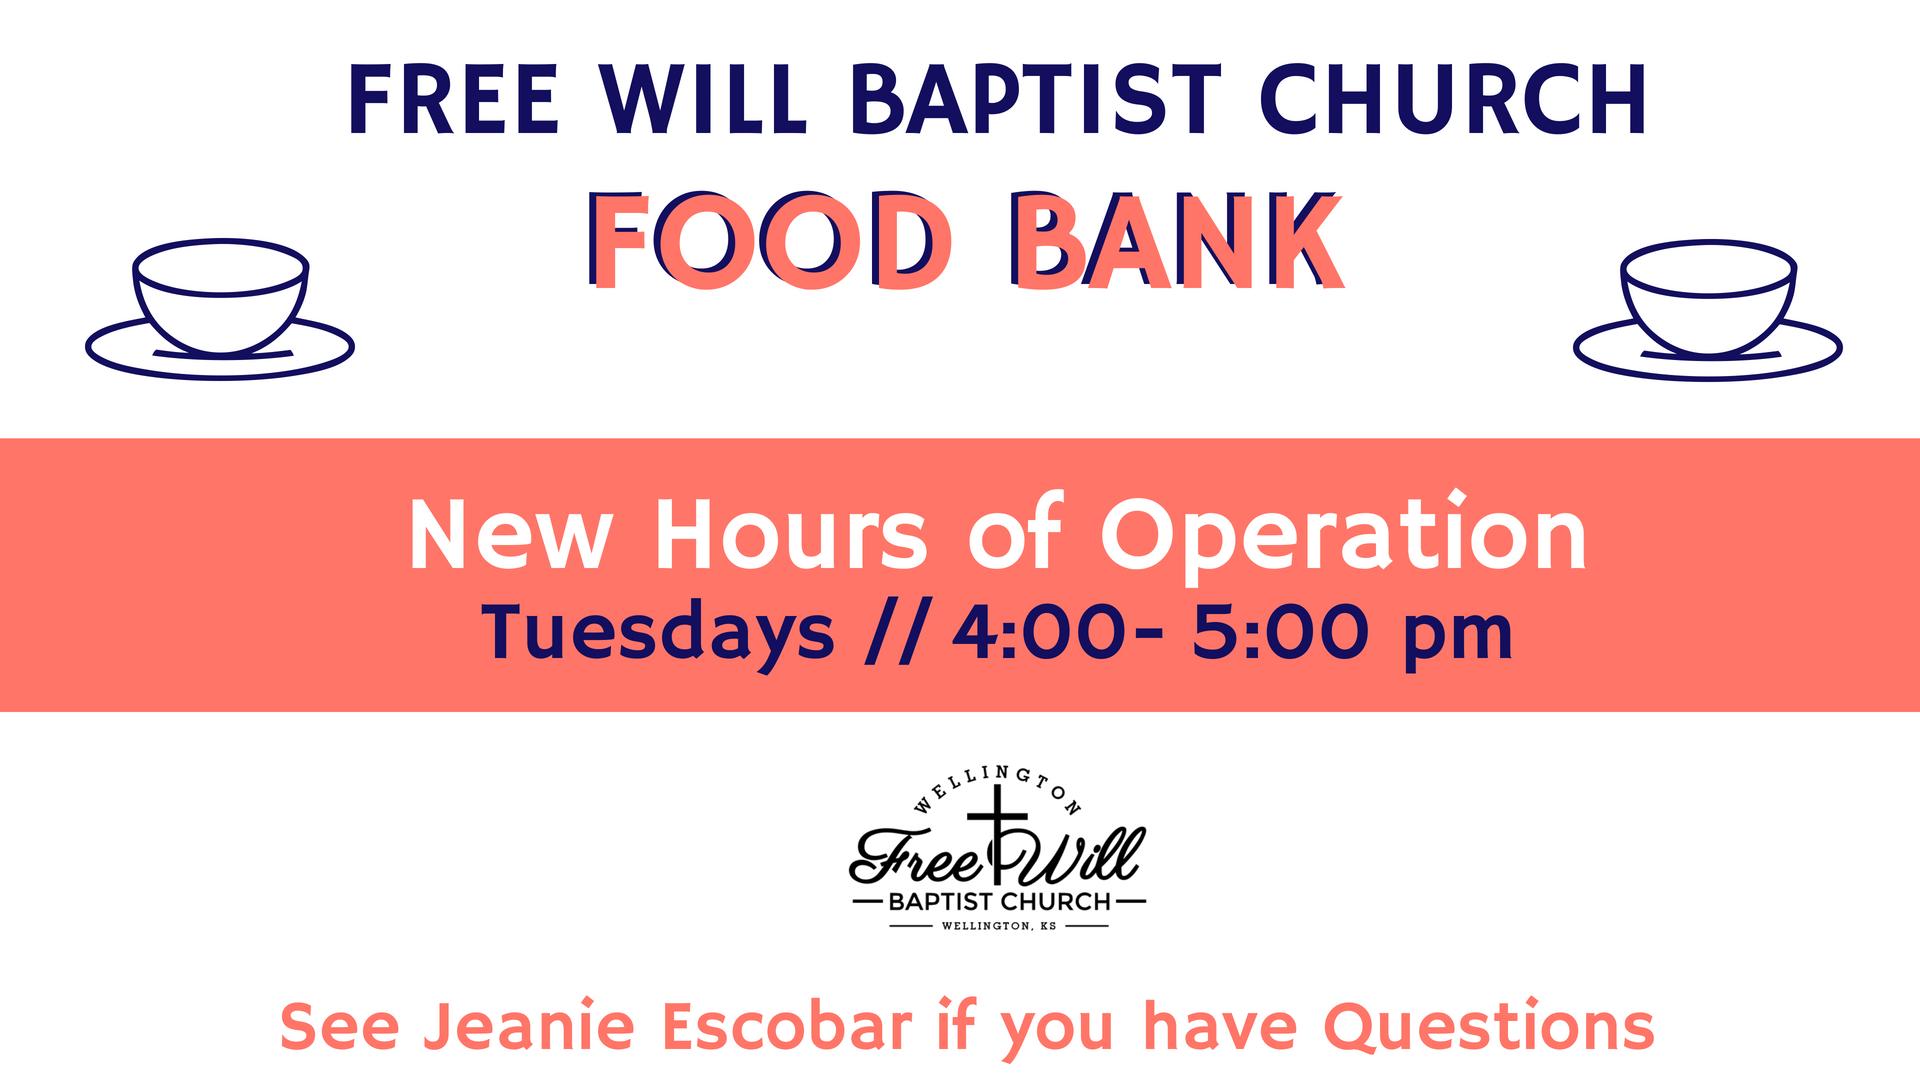 FWB Church Food Bank-2.png